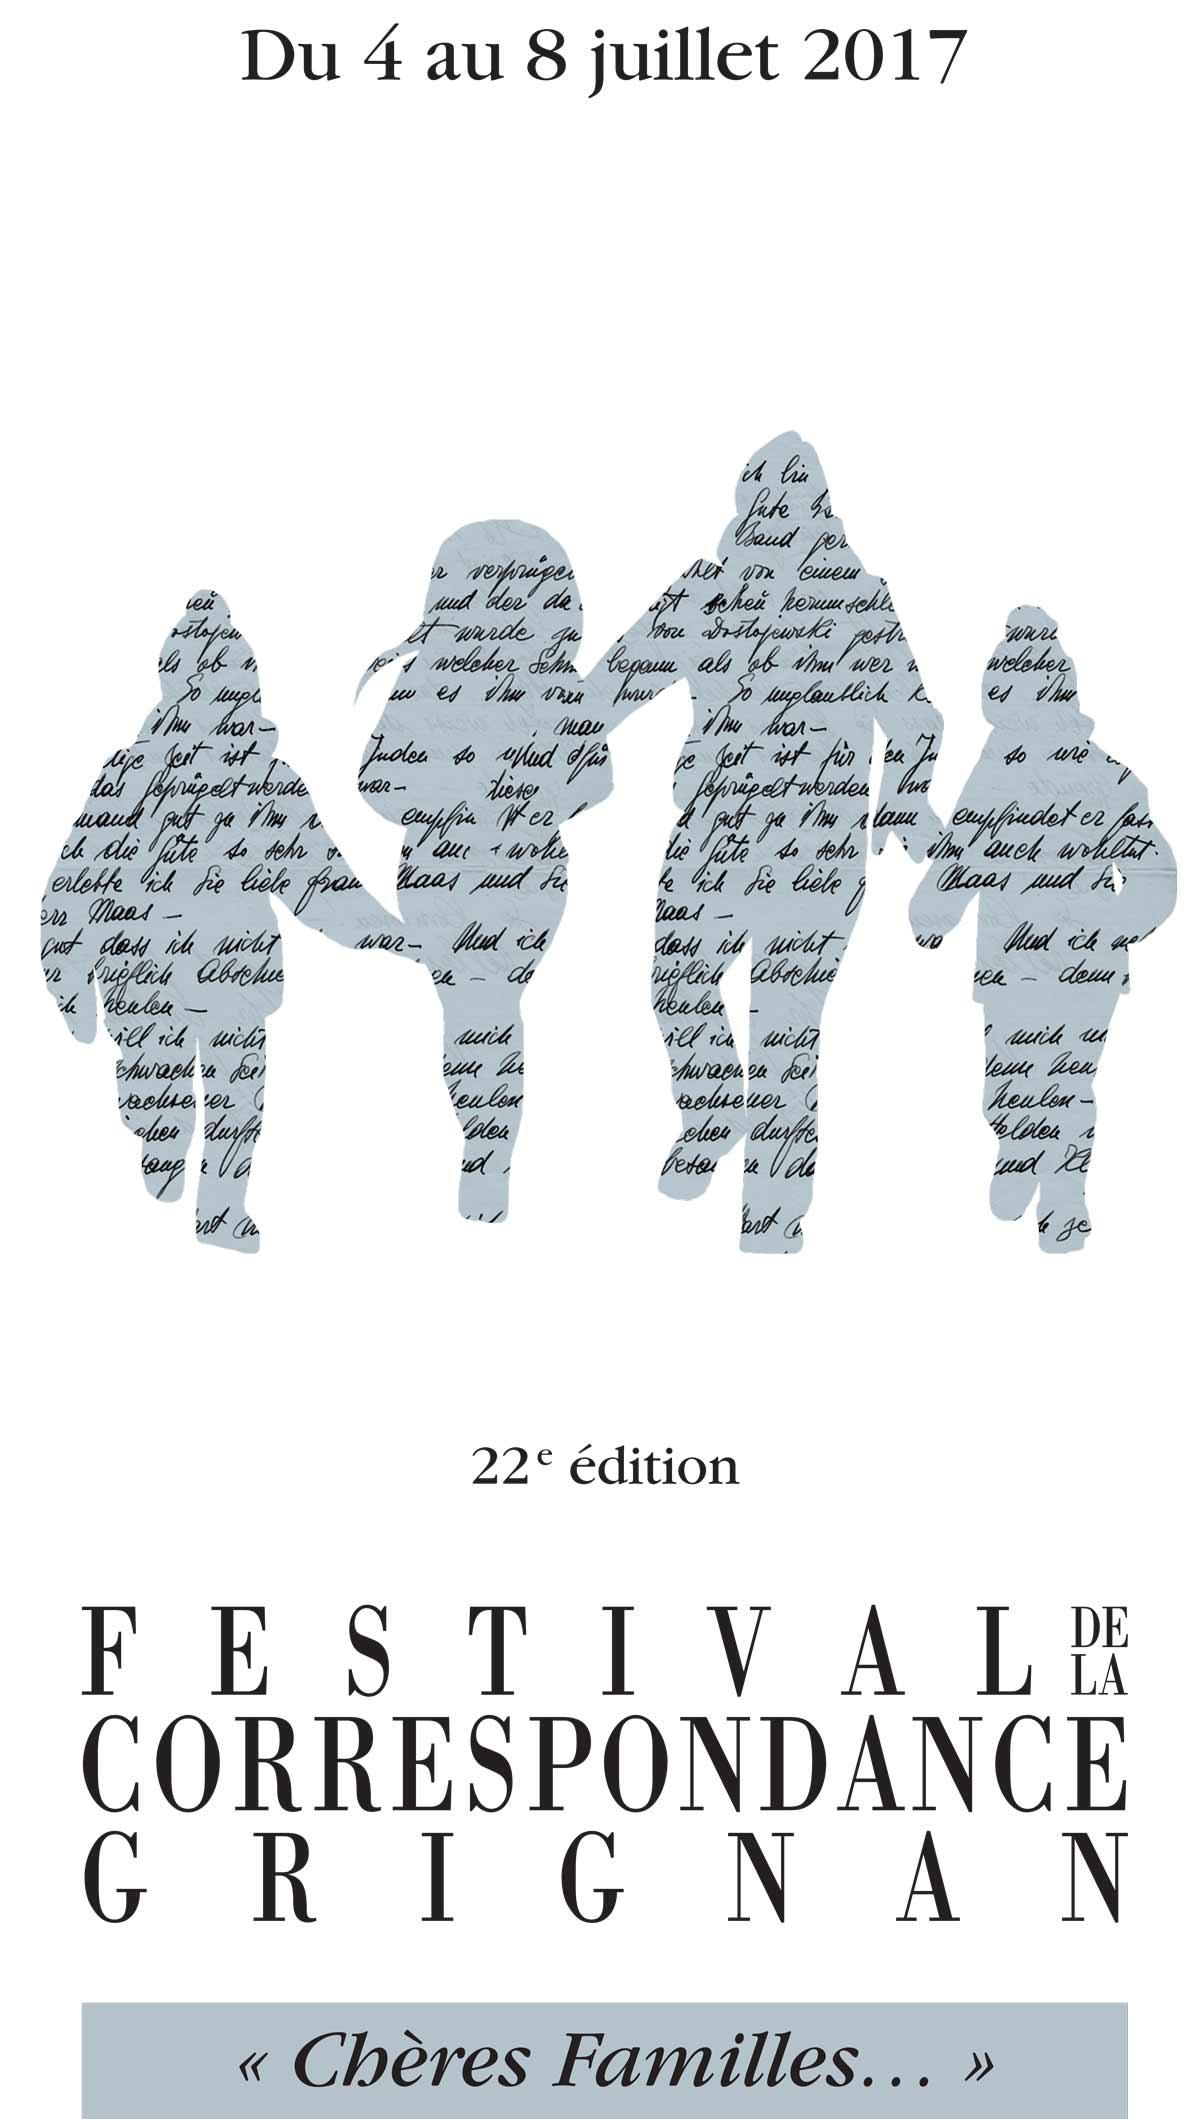 anniversaire 20 ans festival correspondance grignan